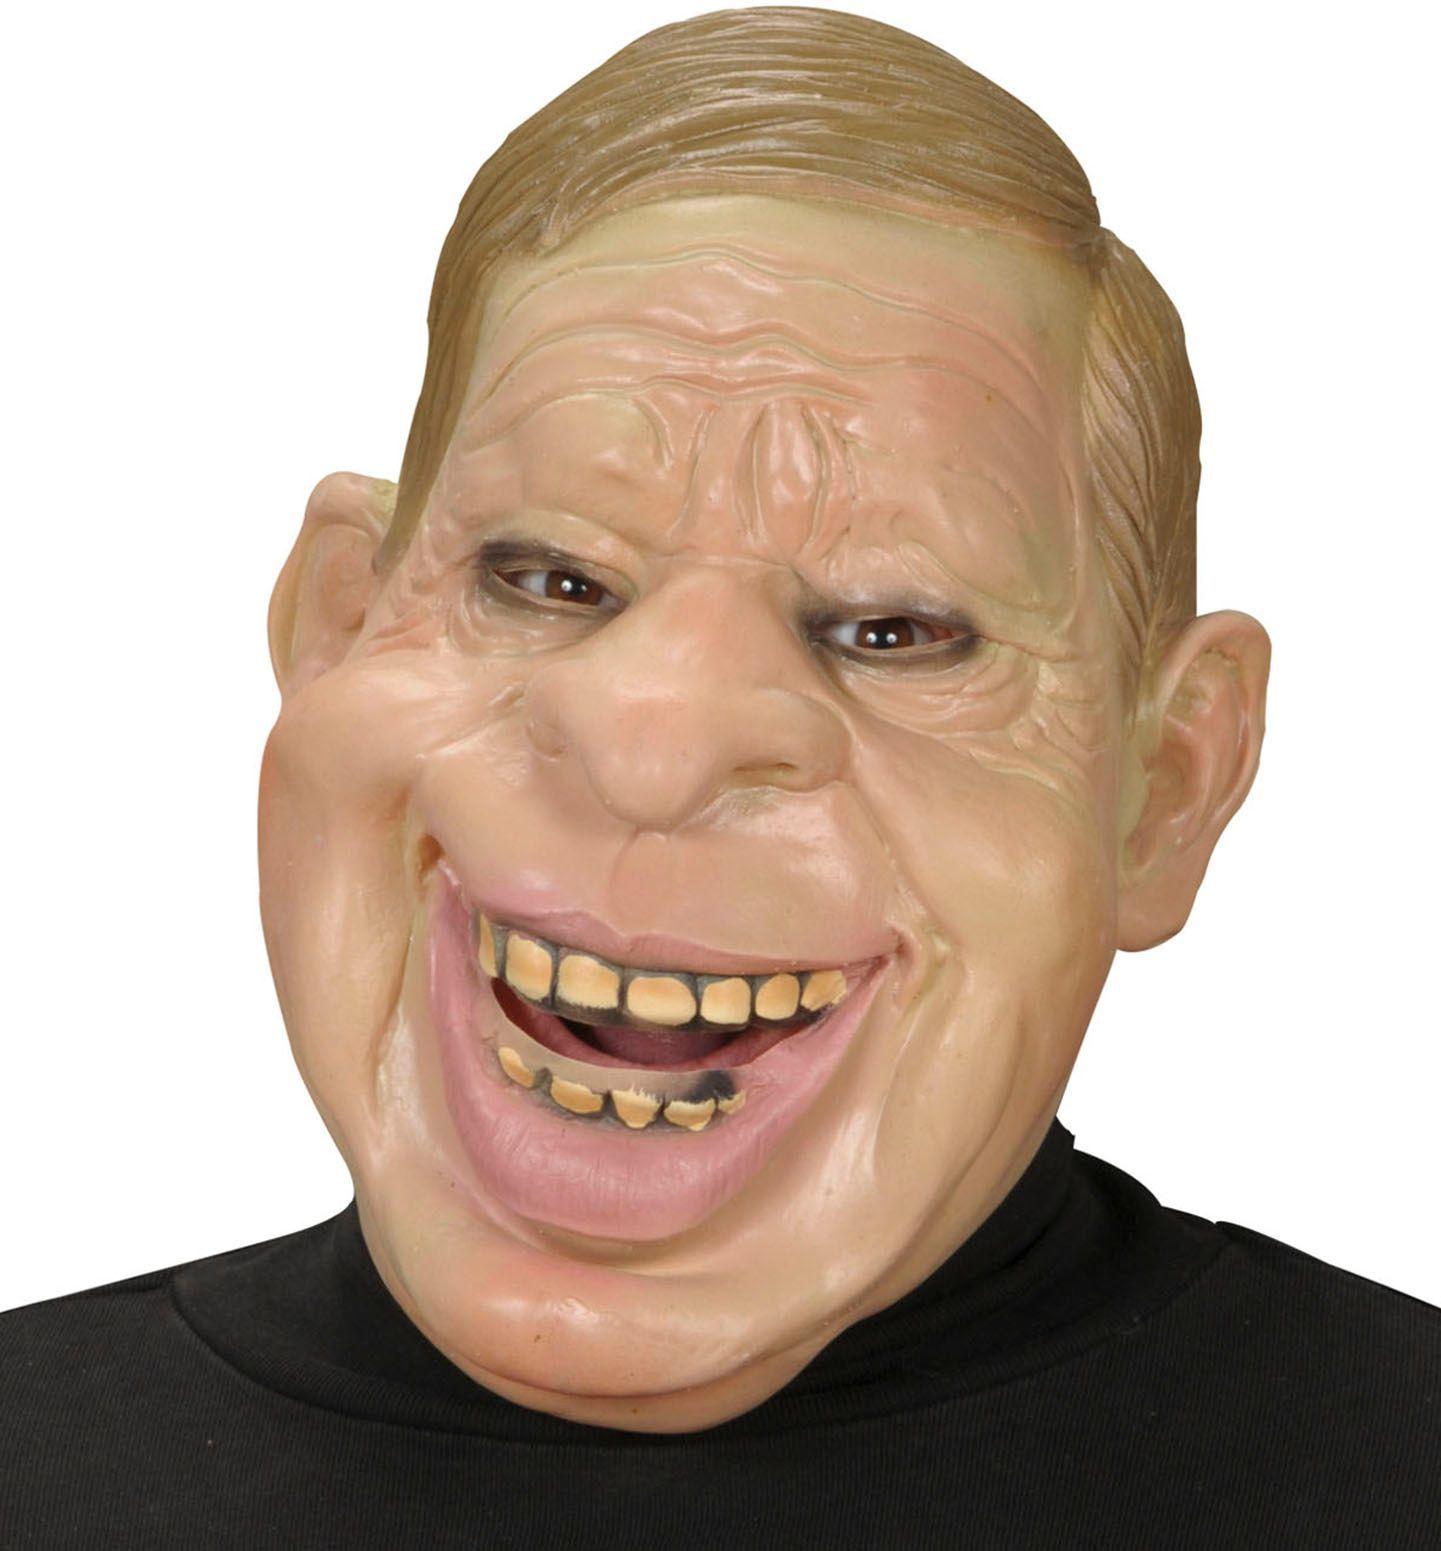 Robert karikatuur masker